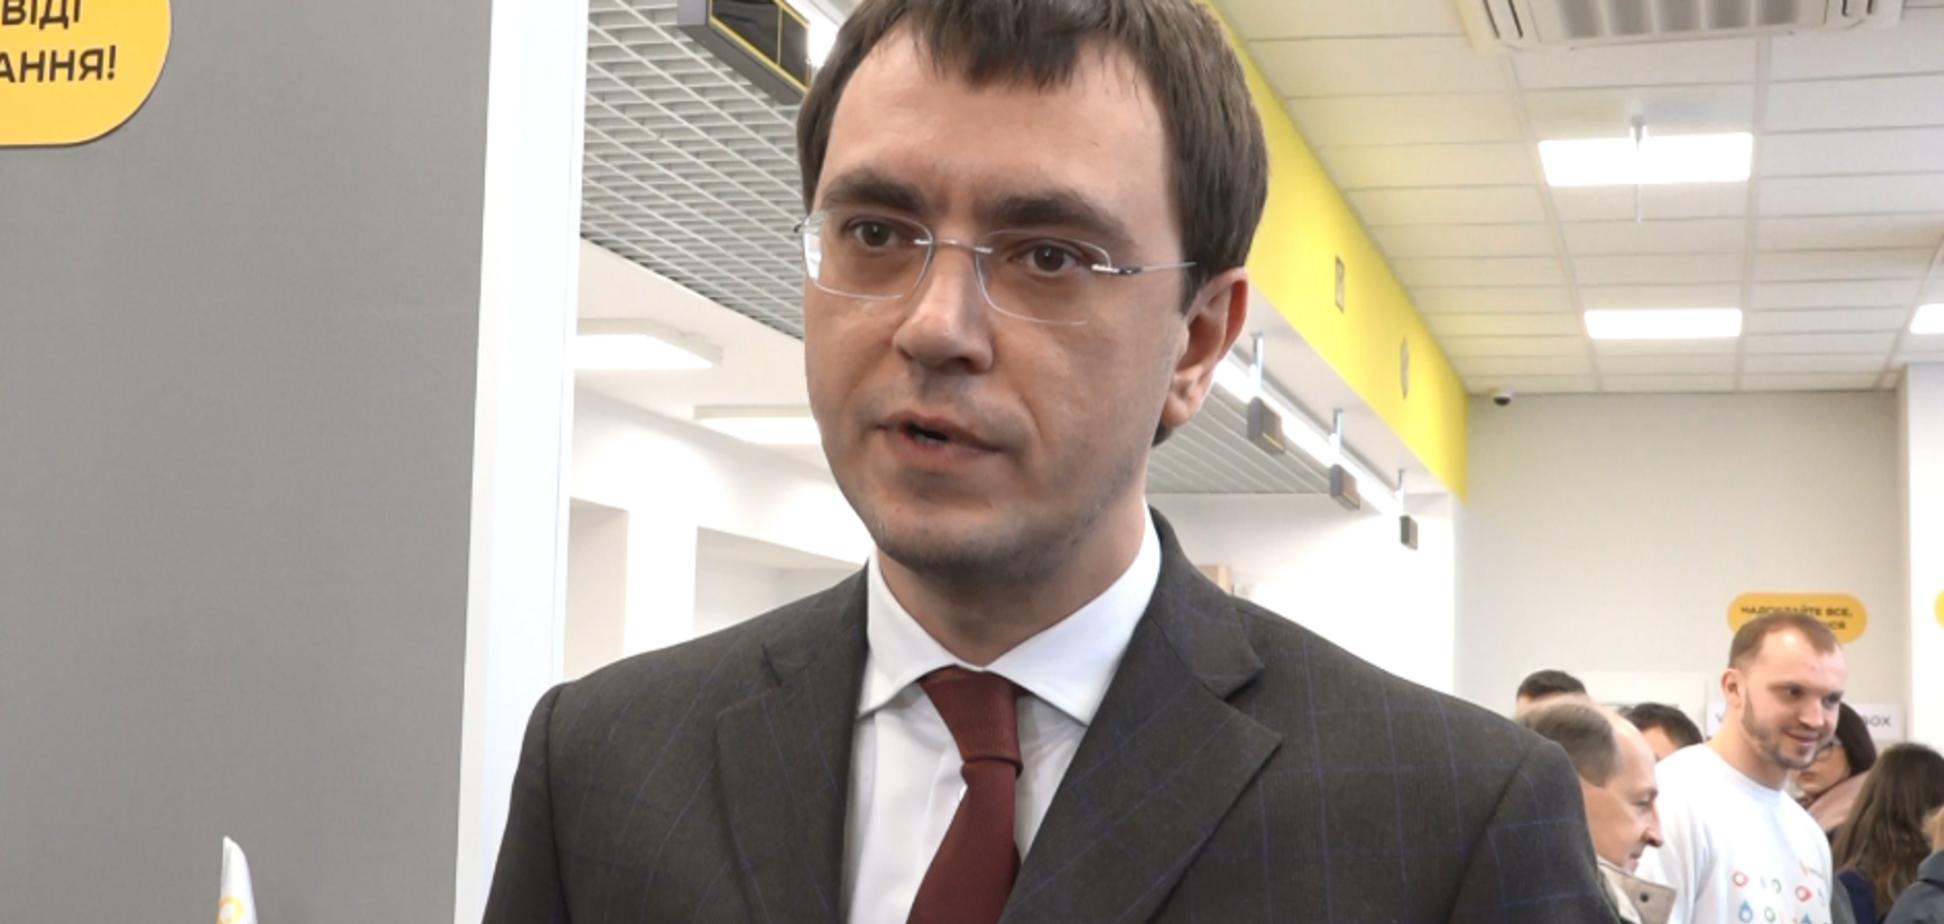 Коли в Києві побудують міст на Троєщину: міністр дав відповідь